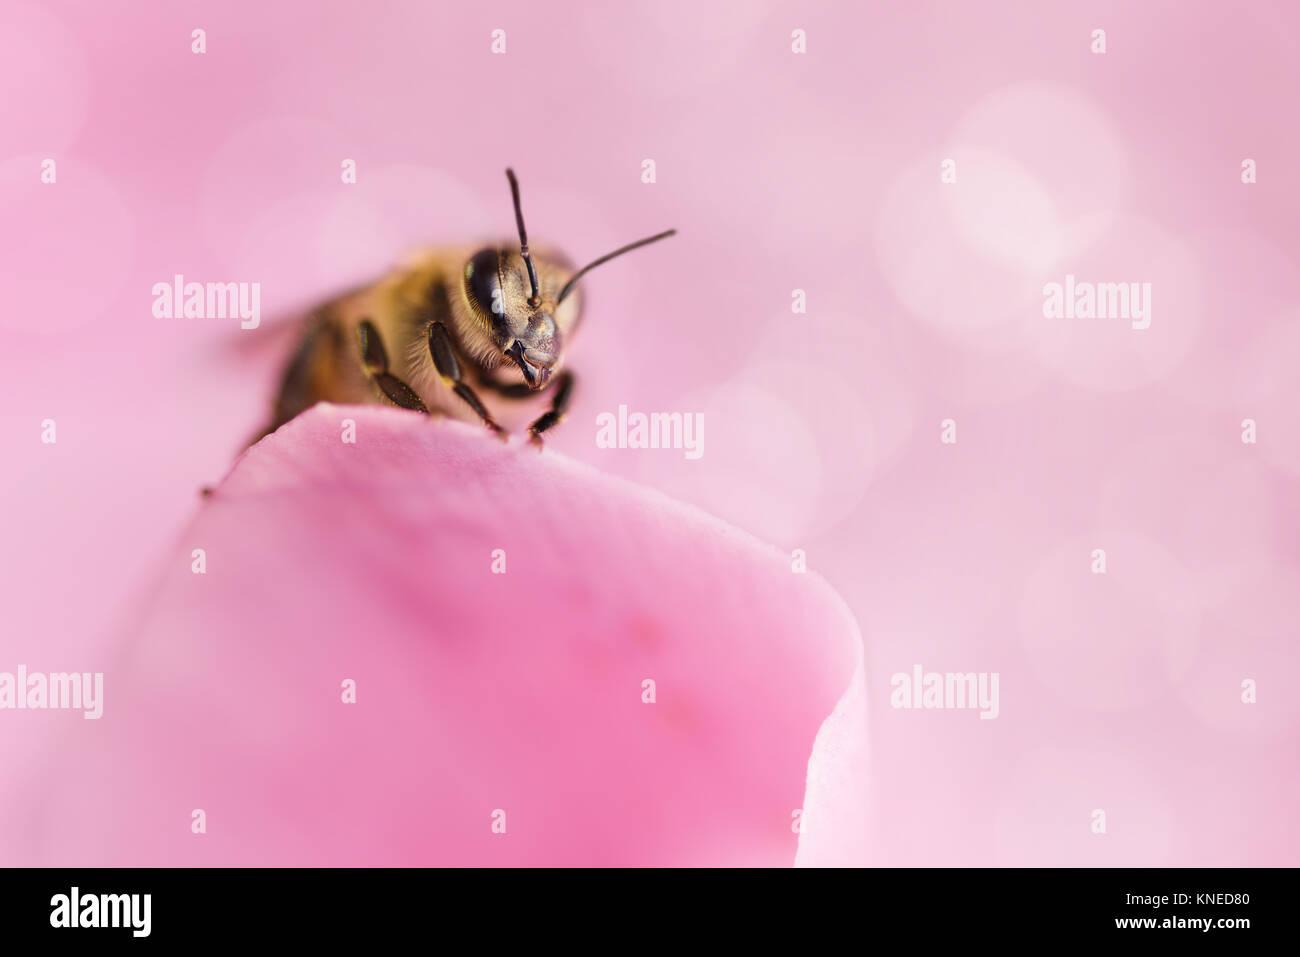 Honey Bee Pollen sammeln von Blumen. Makro Fotografie. Natur Konzept. Stockbild